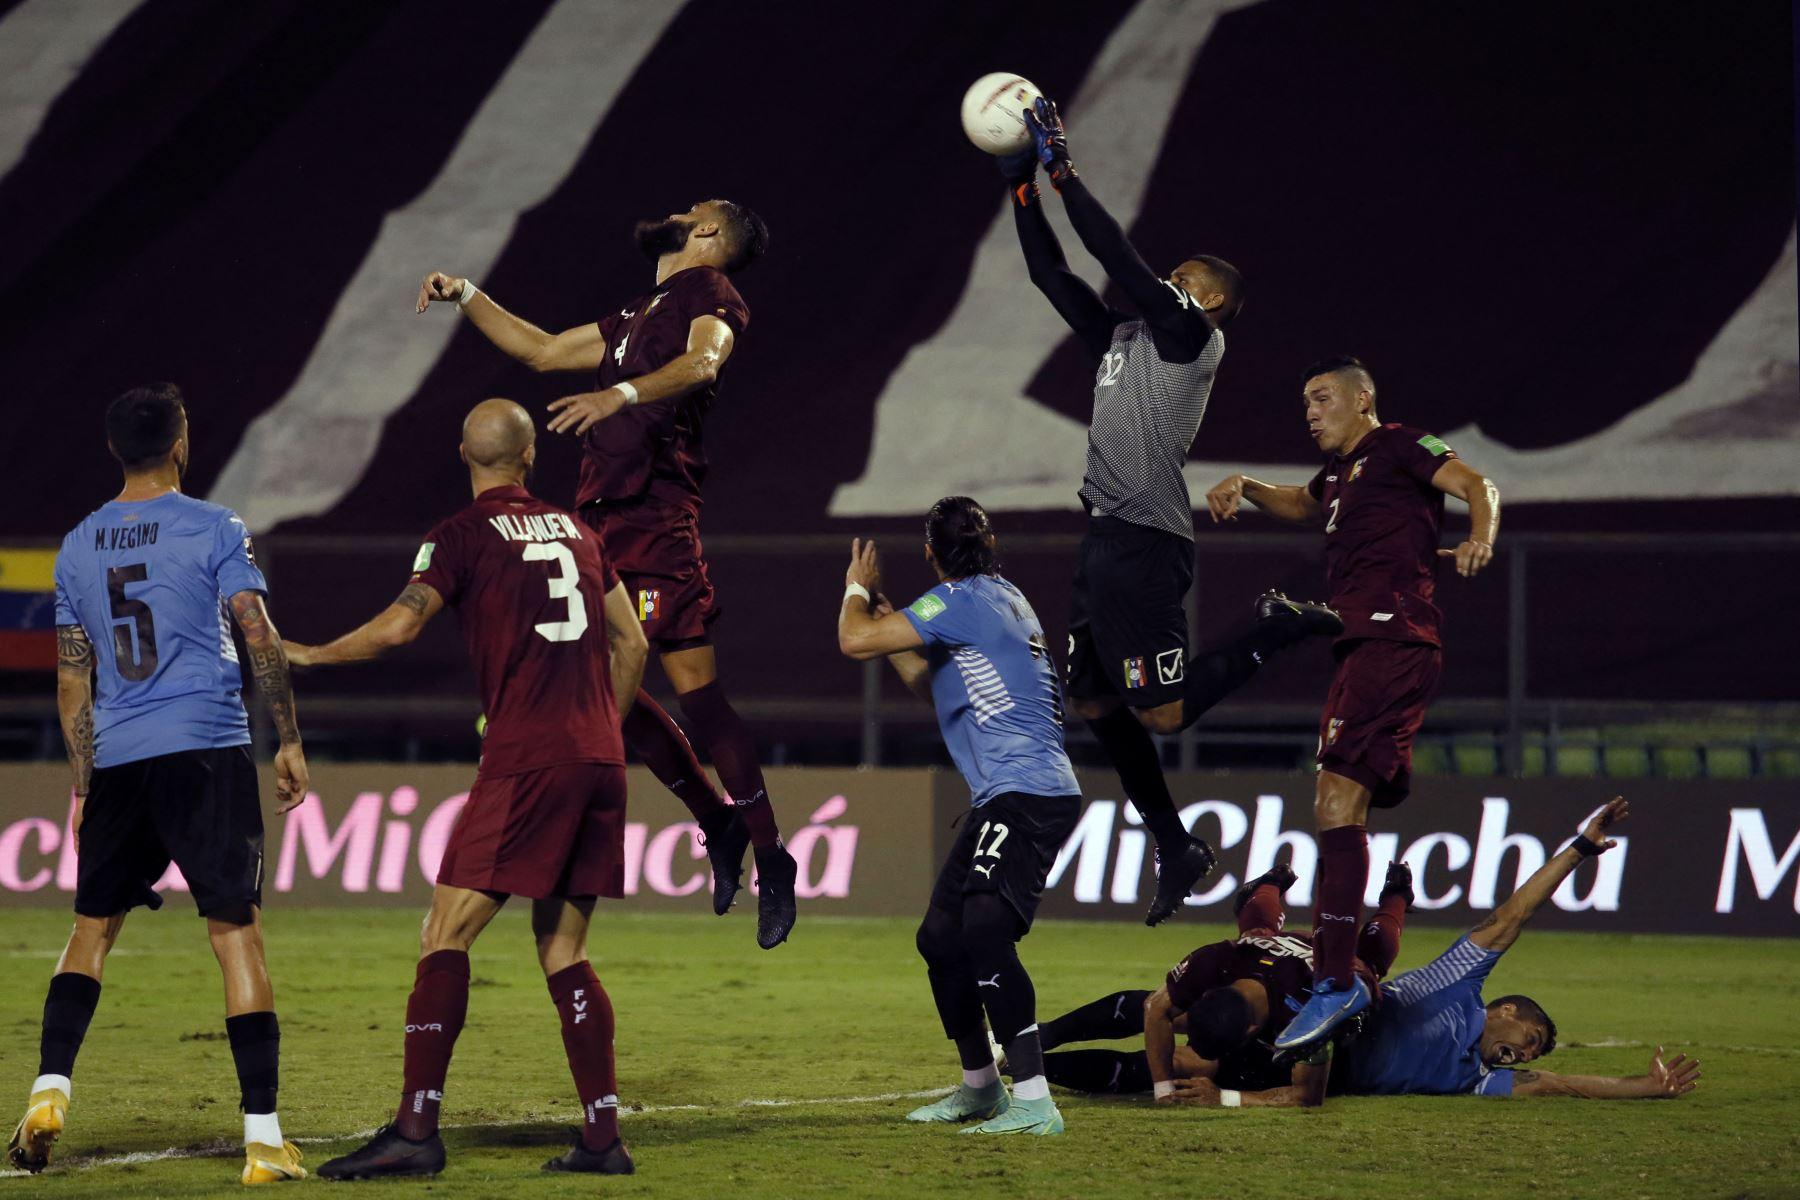 El arquero venezolano Joel Graterol  salta para agarrar un balón durante el partido de fútbol de clasificación sudamericano para la Copa Mundial de la FIFA Qatar 2022 contra Uruguay en el Estadio Olímpico UCV en Caracas. Foto: AFP